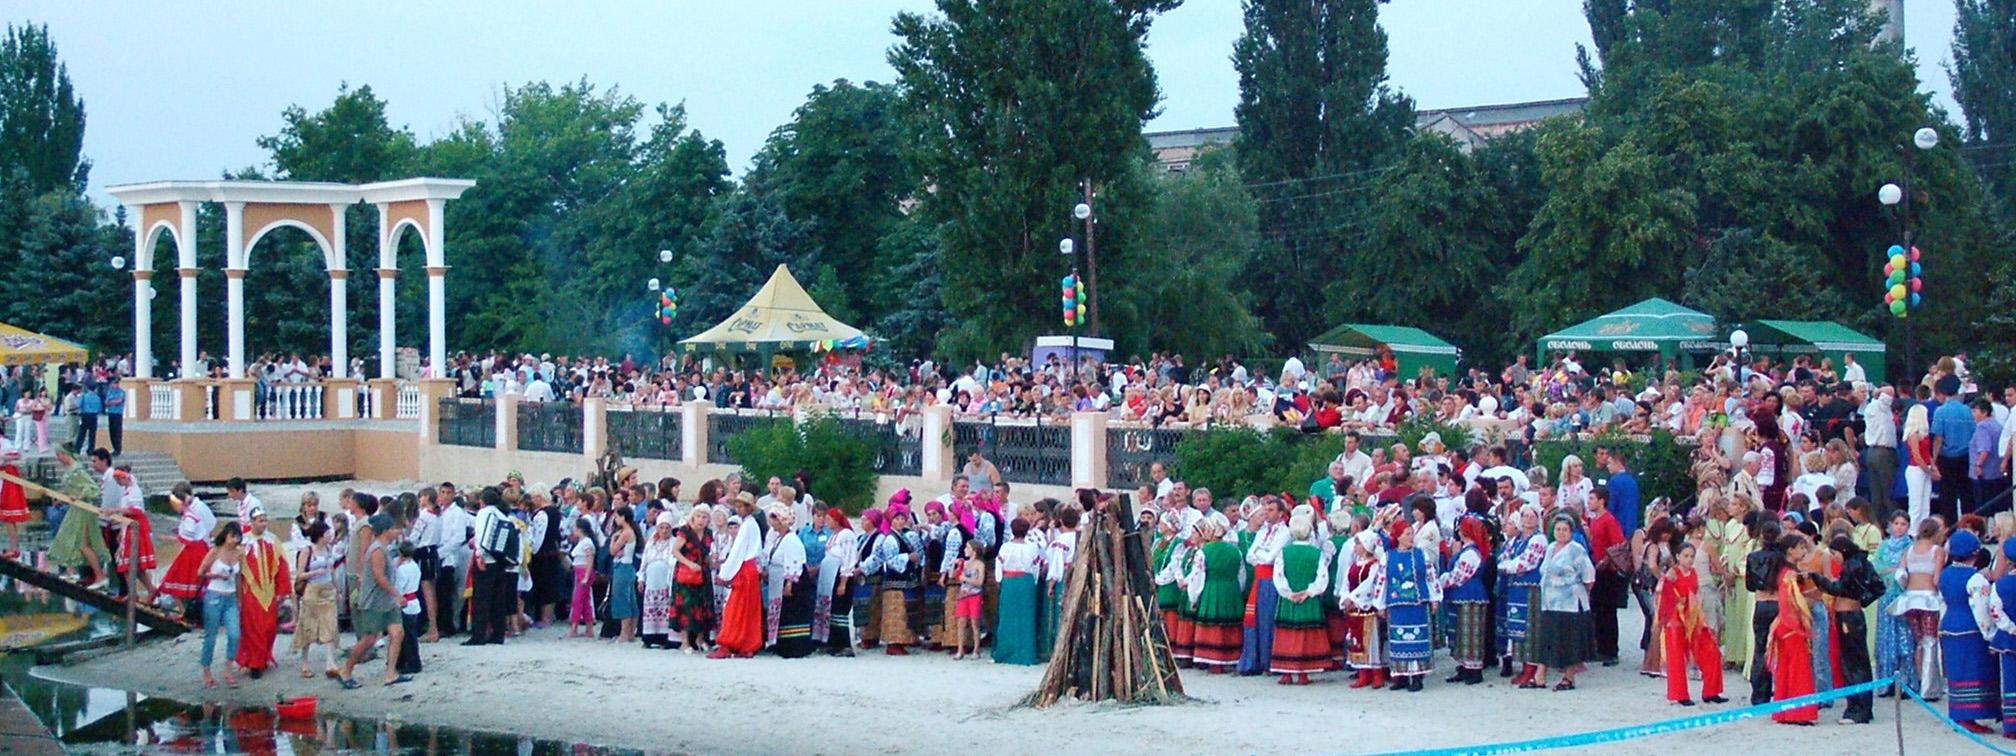 Охорону публічного порядку та безпеки громадян під час фестивалю